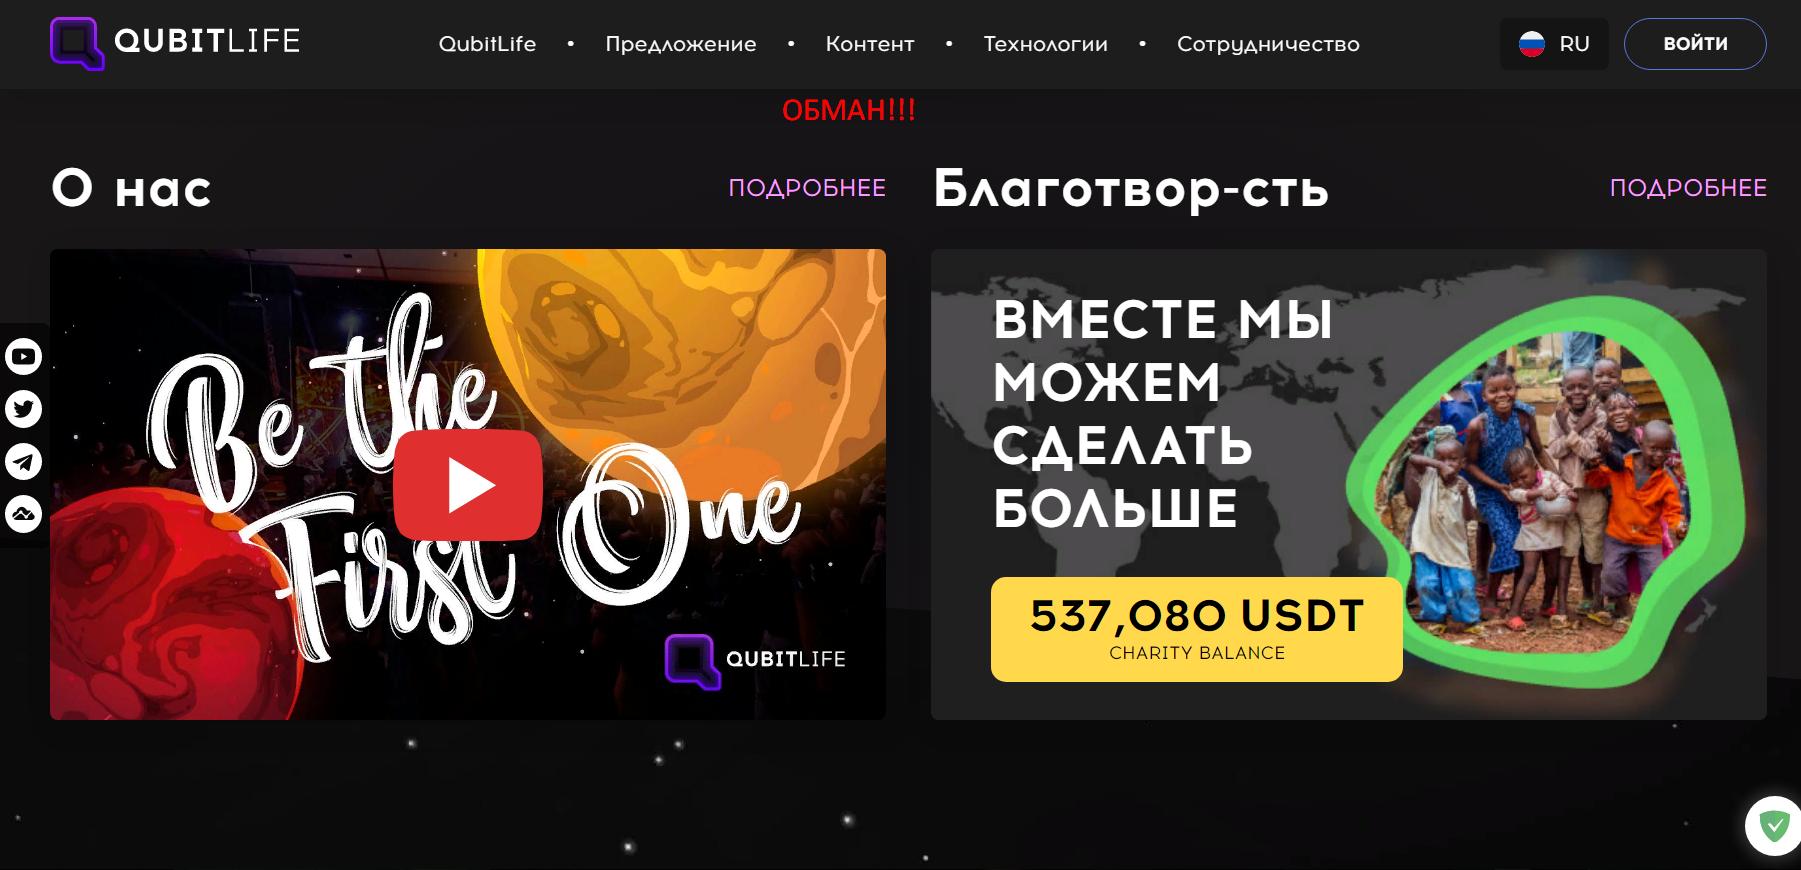 QubitLife лохотрон